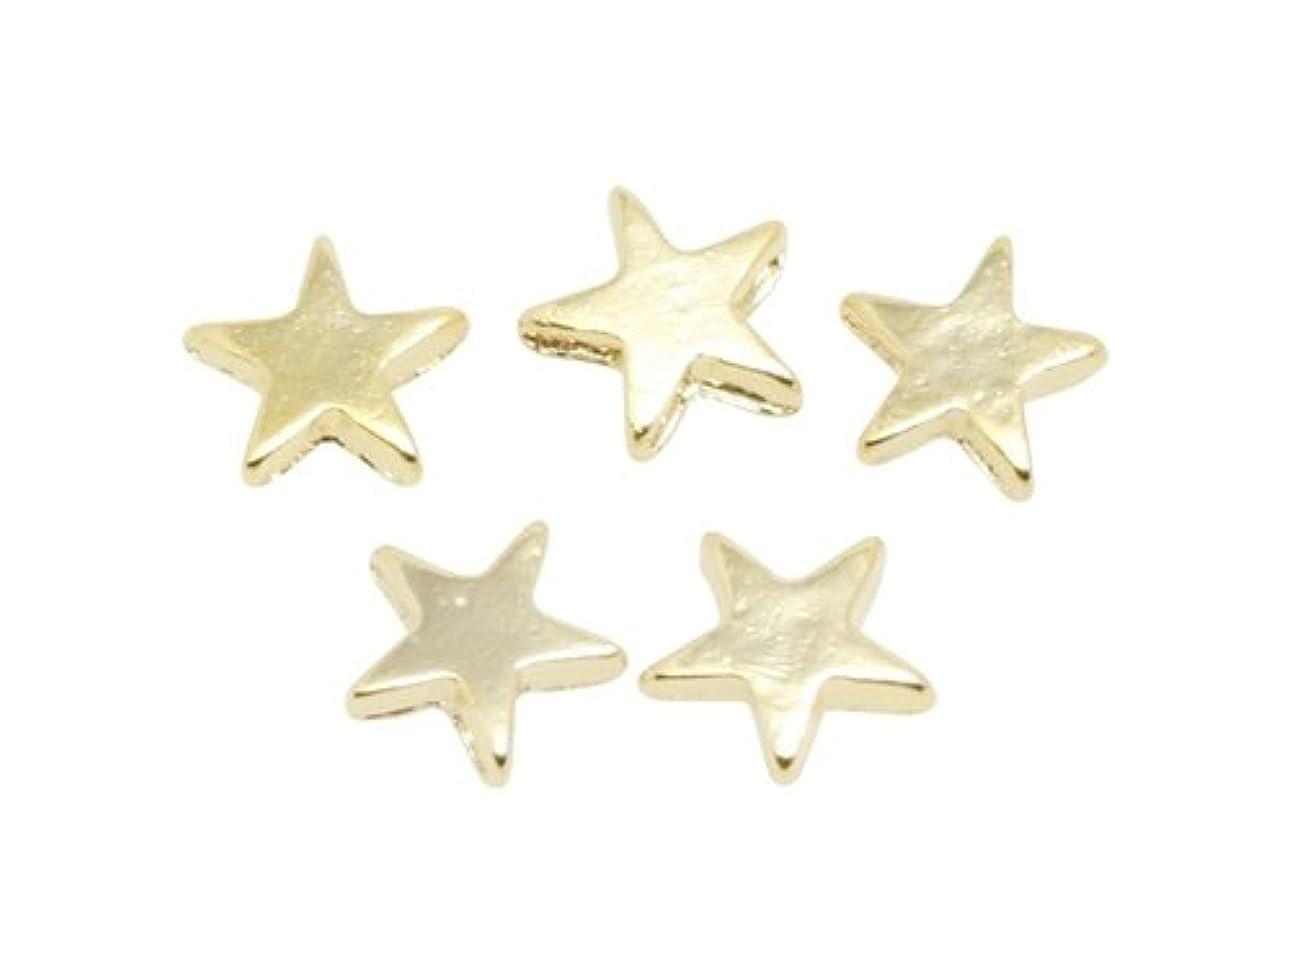 有名コンデンサー酸っぱいエムプティ オリジナルパーツ A141 タイニースター 5個組 ゴールド